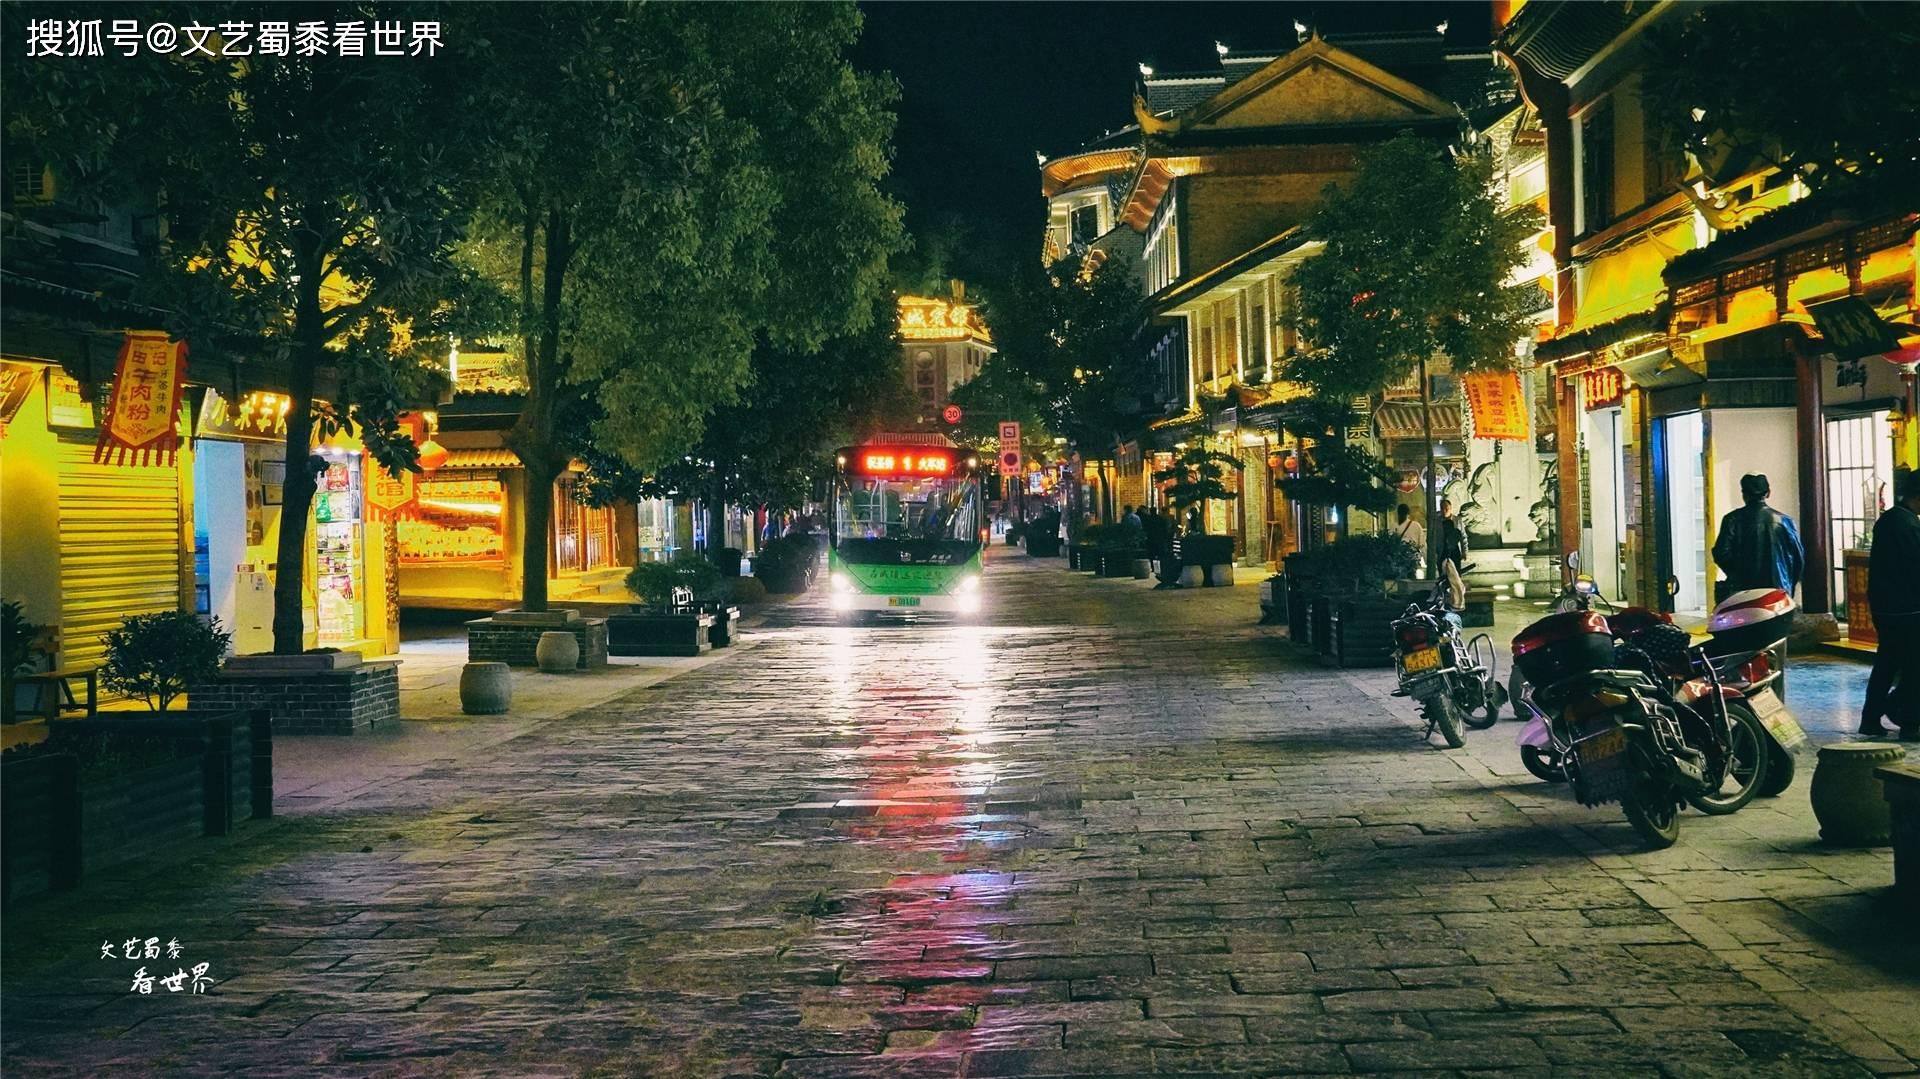 这两个很适合旅居养老的古镇,夜色比丽江幽静比凤凰诗意,去过吗